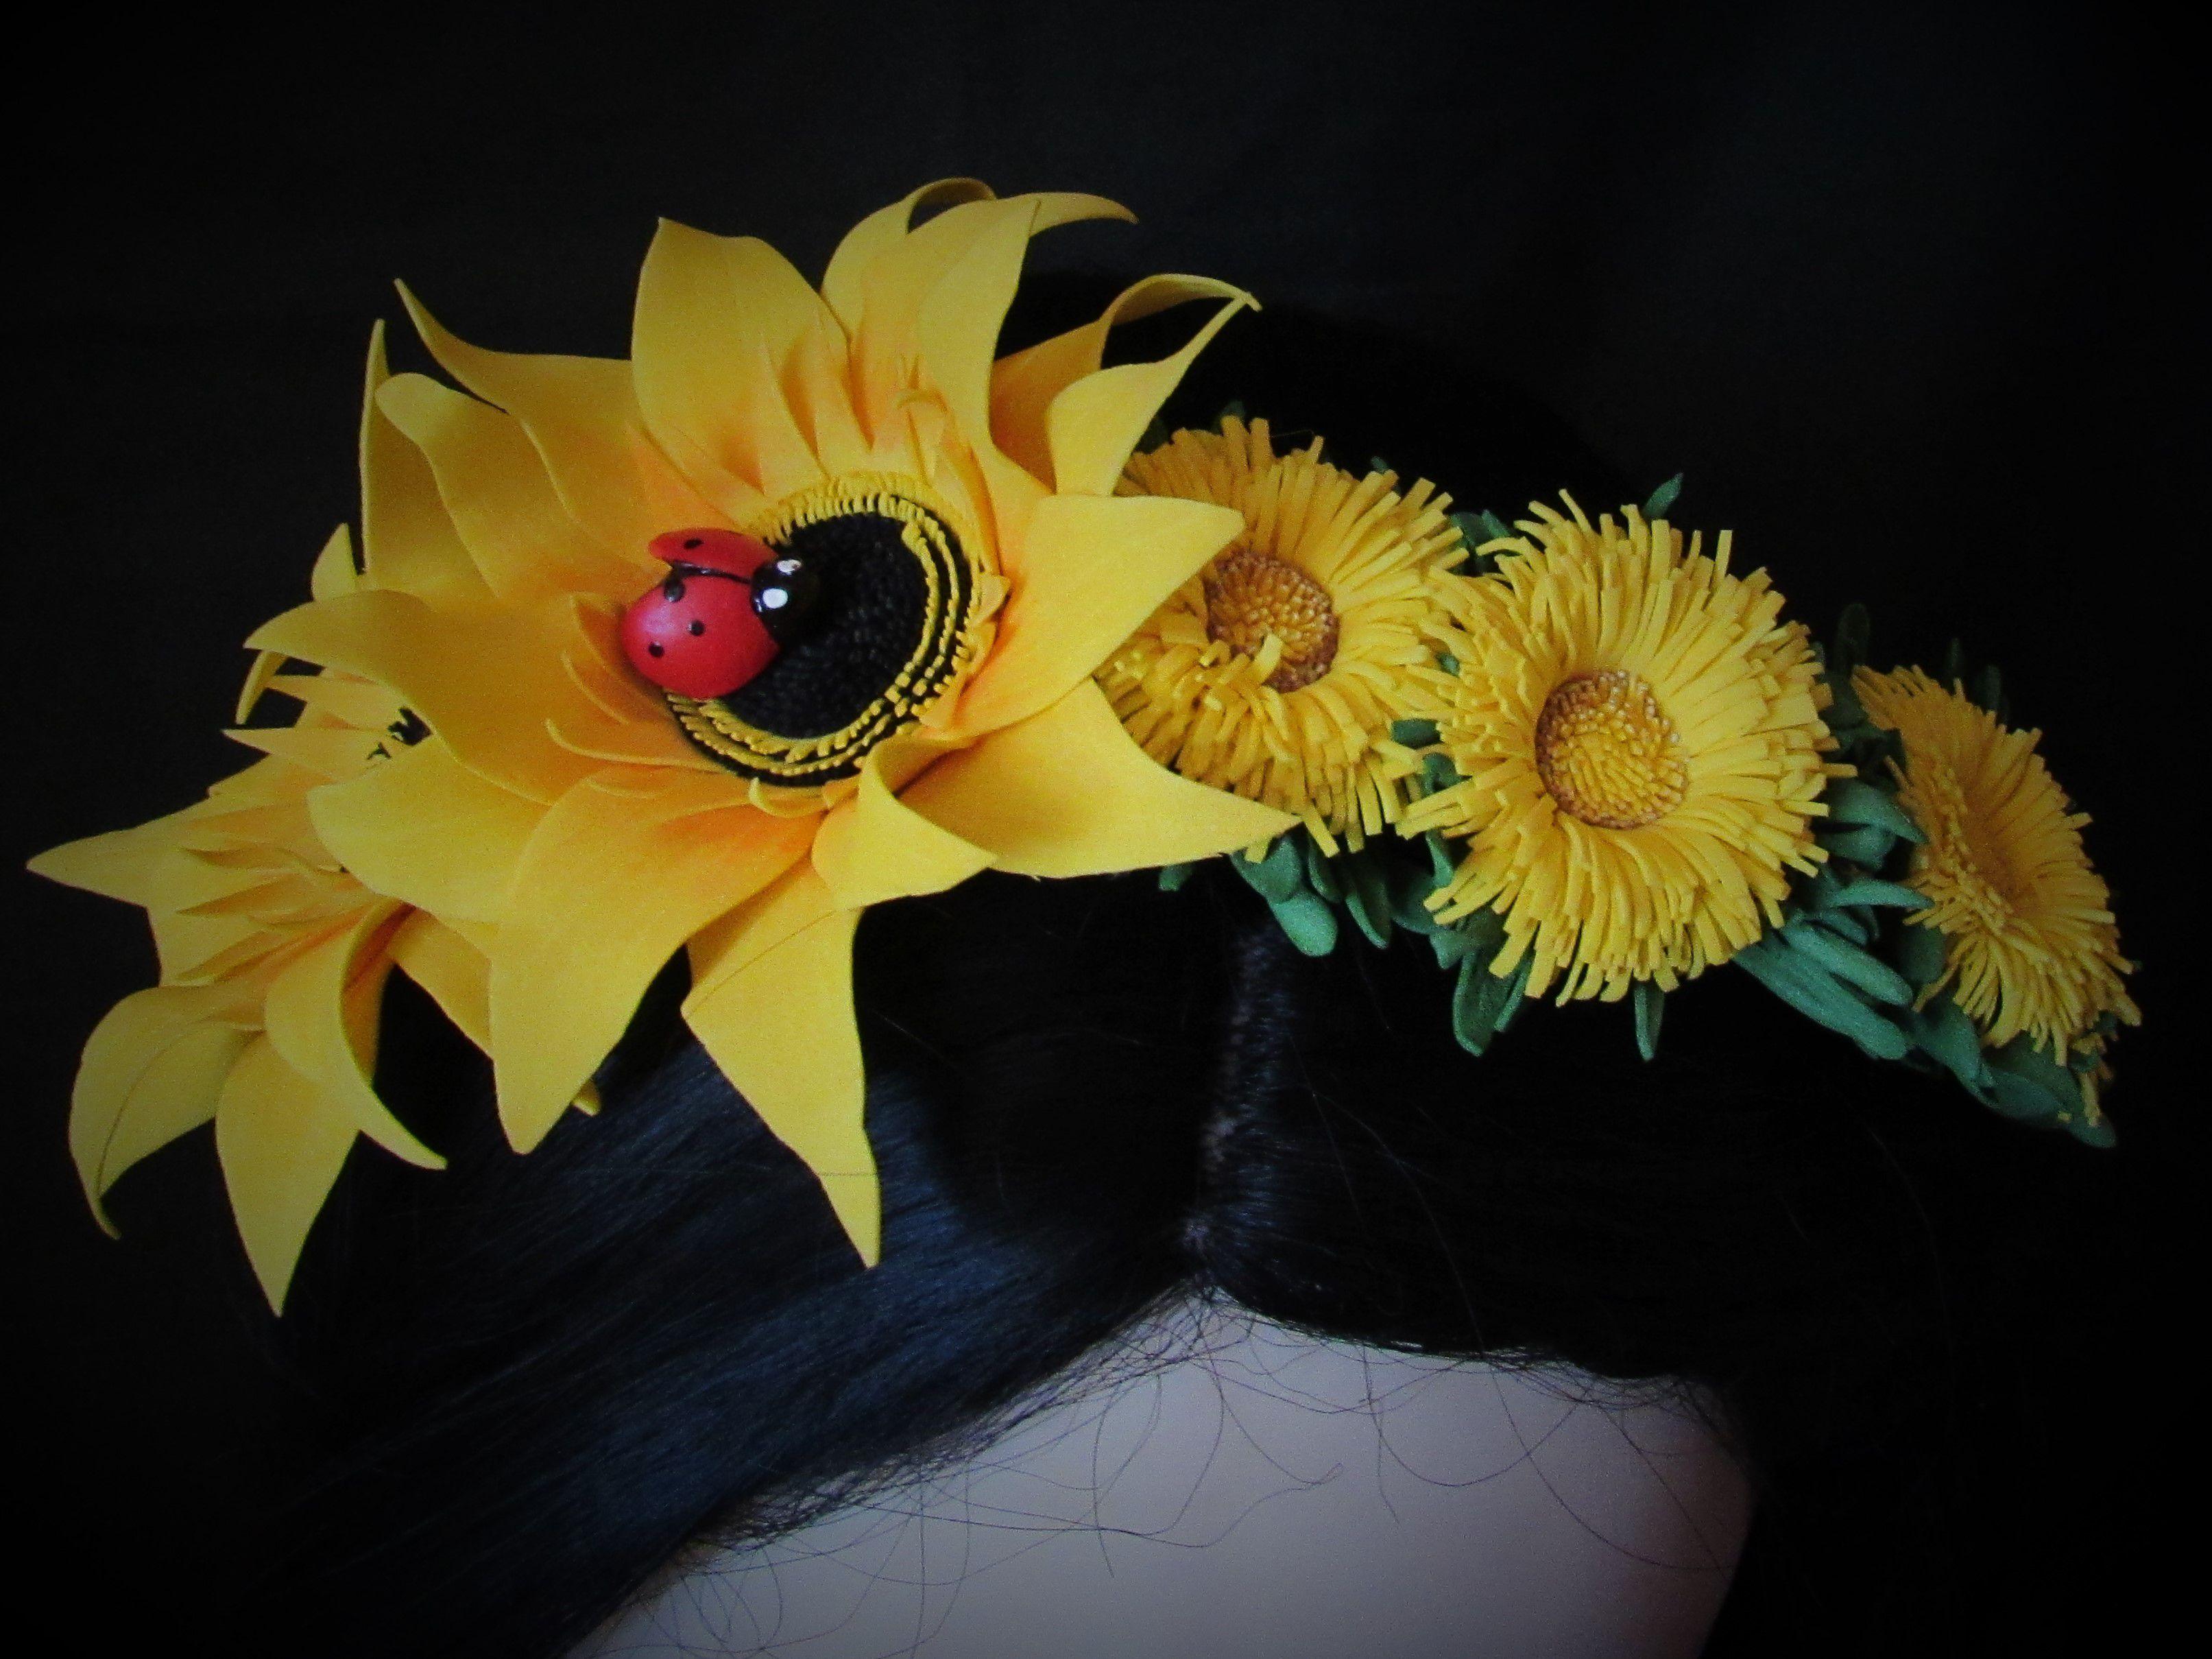 фоамирана подсолнухи одуванчики ободок из цветы